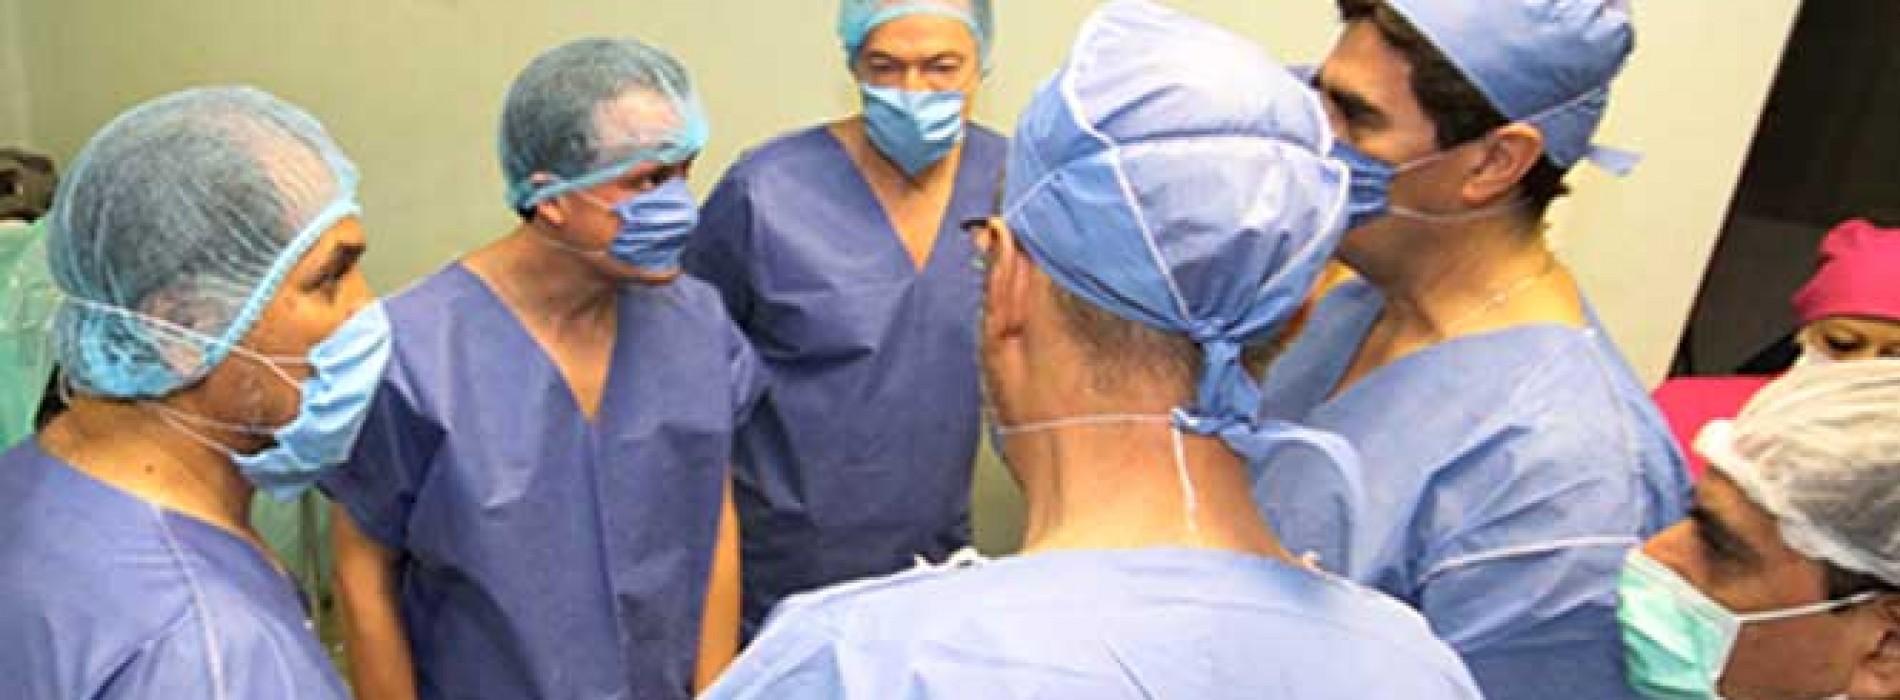 Seguro Social realizará cirugías de ortopedia y traumatología los fines de semana